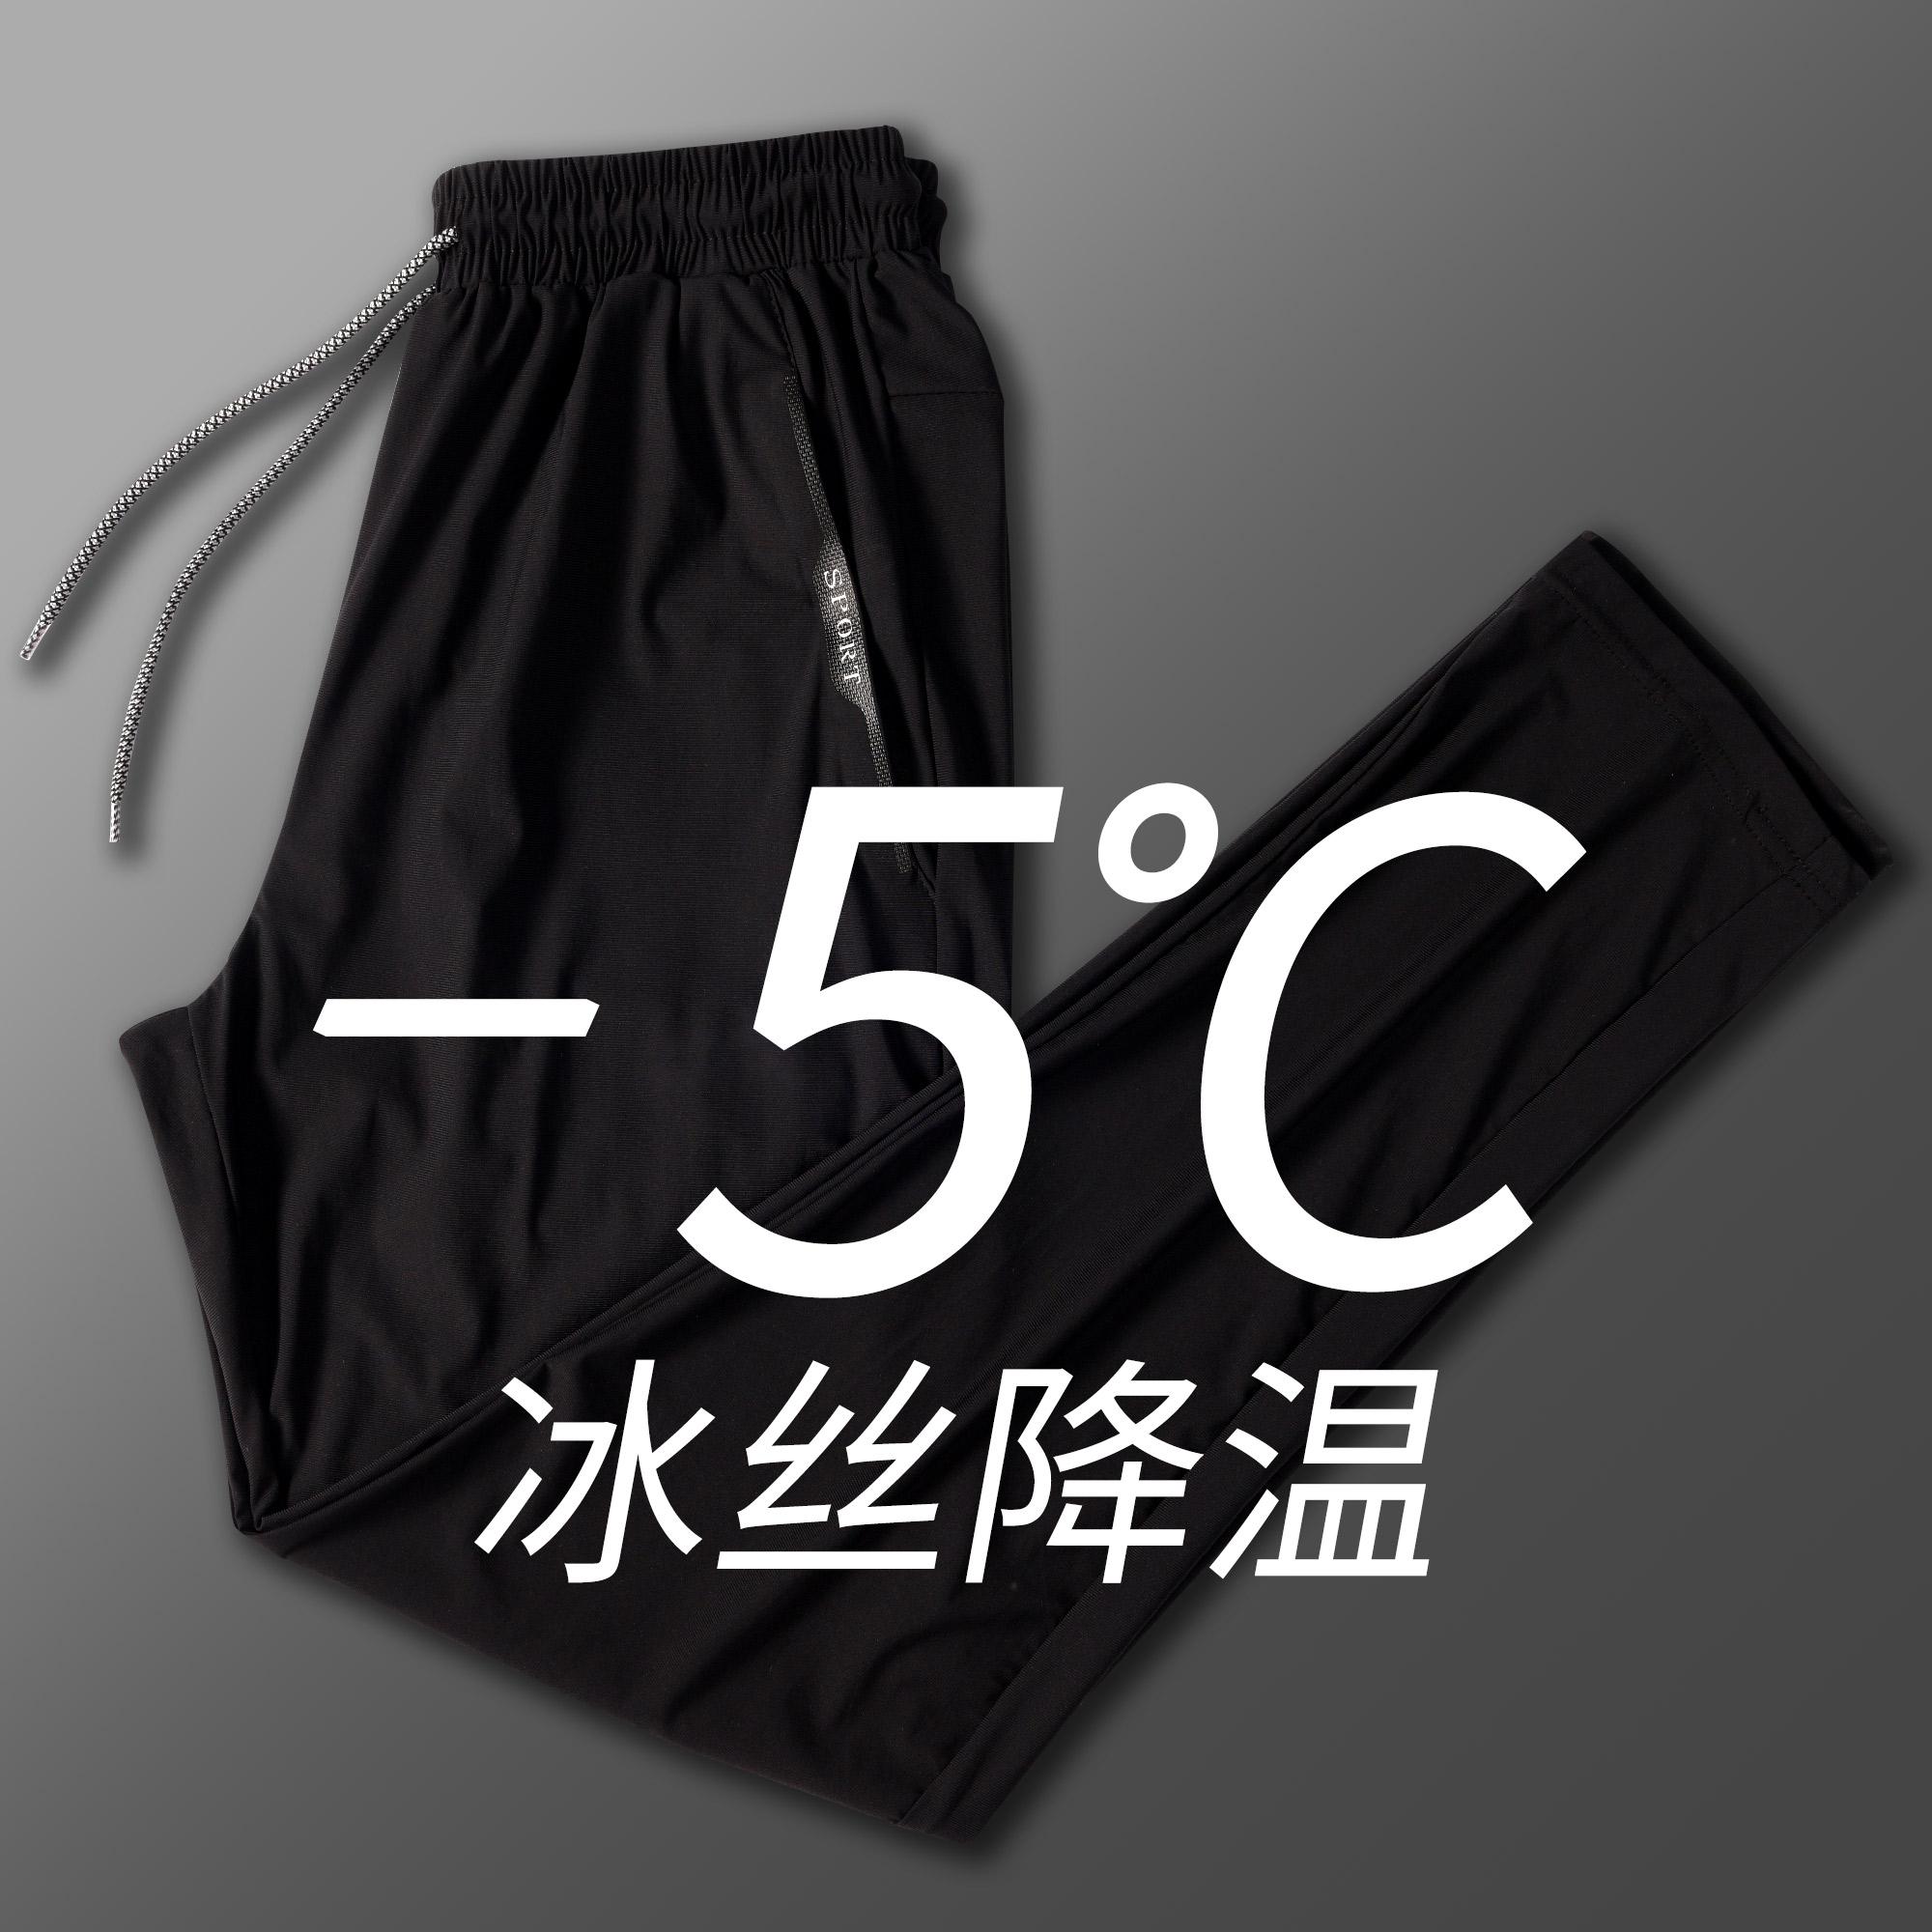 空调裤子男士夏季冰丝长裤休闲裤速干薄款加肥加大码胖子宽松直筒